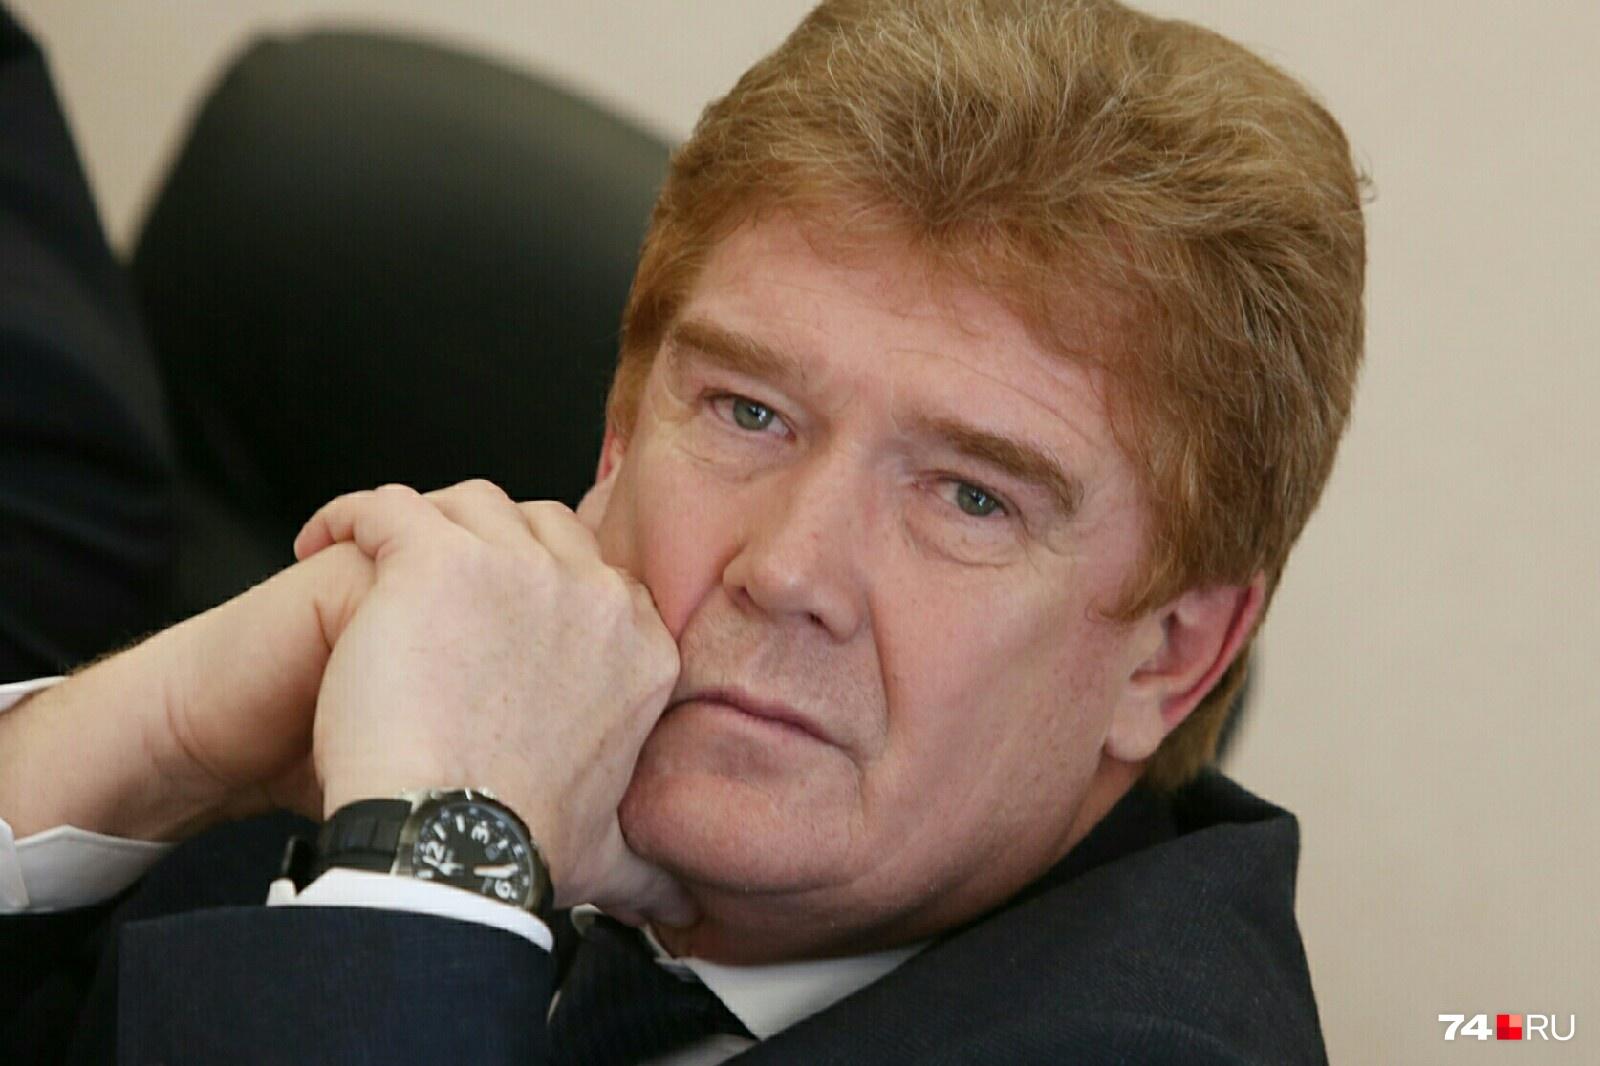 Владимир Елистратов сдержанно воспринял итог голосования, свою победу